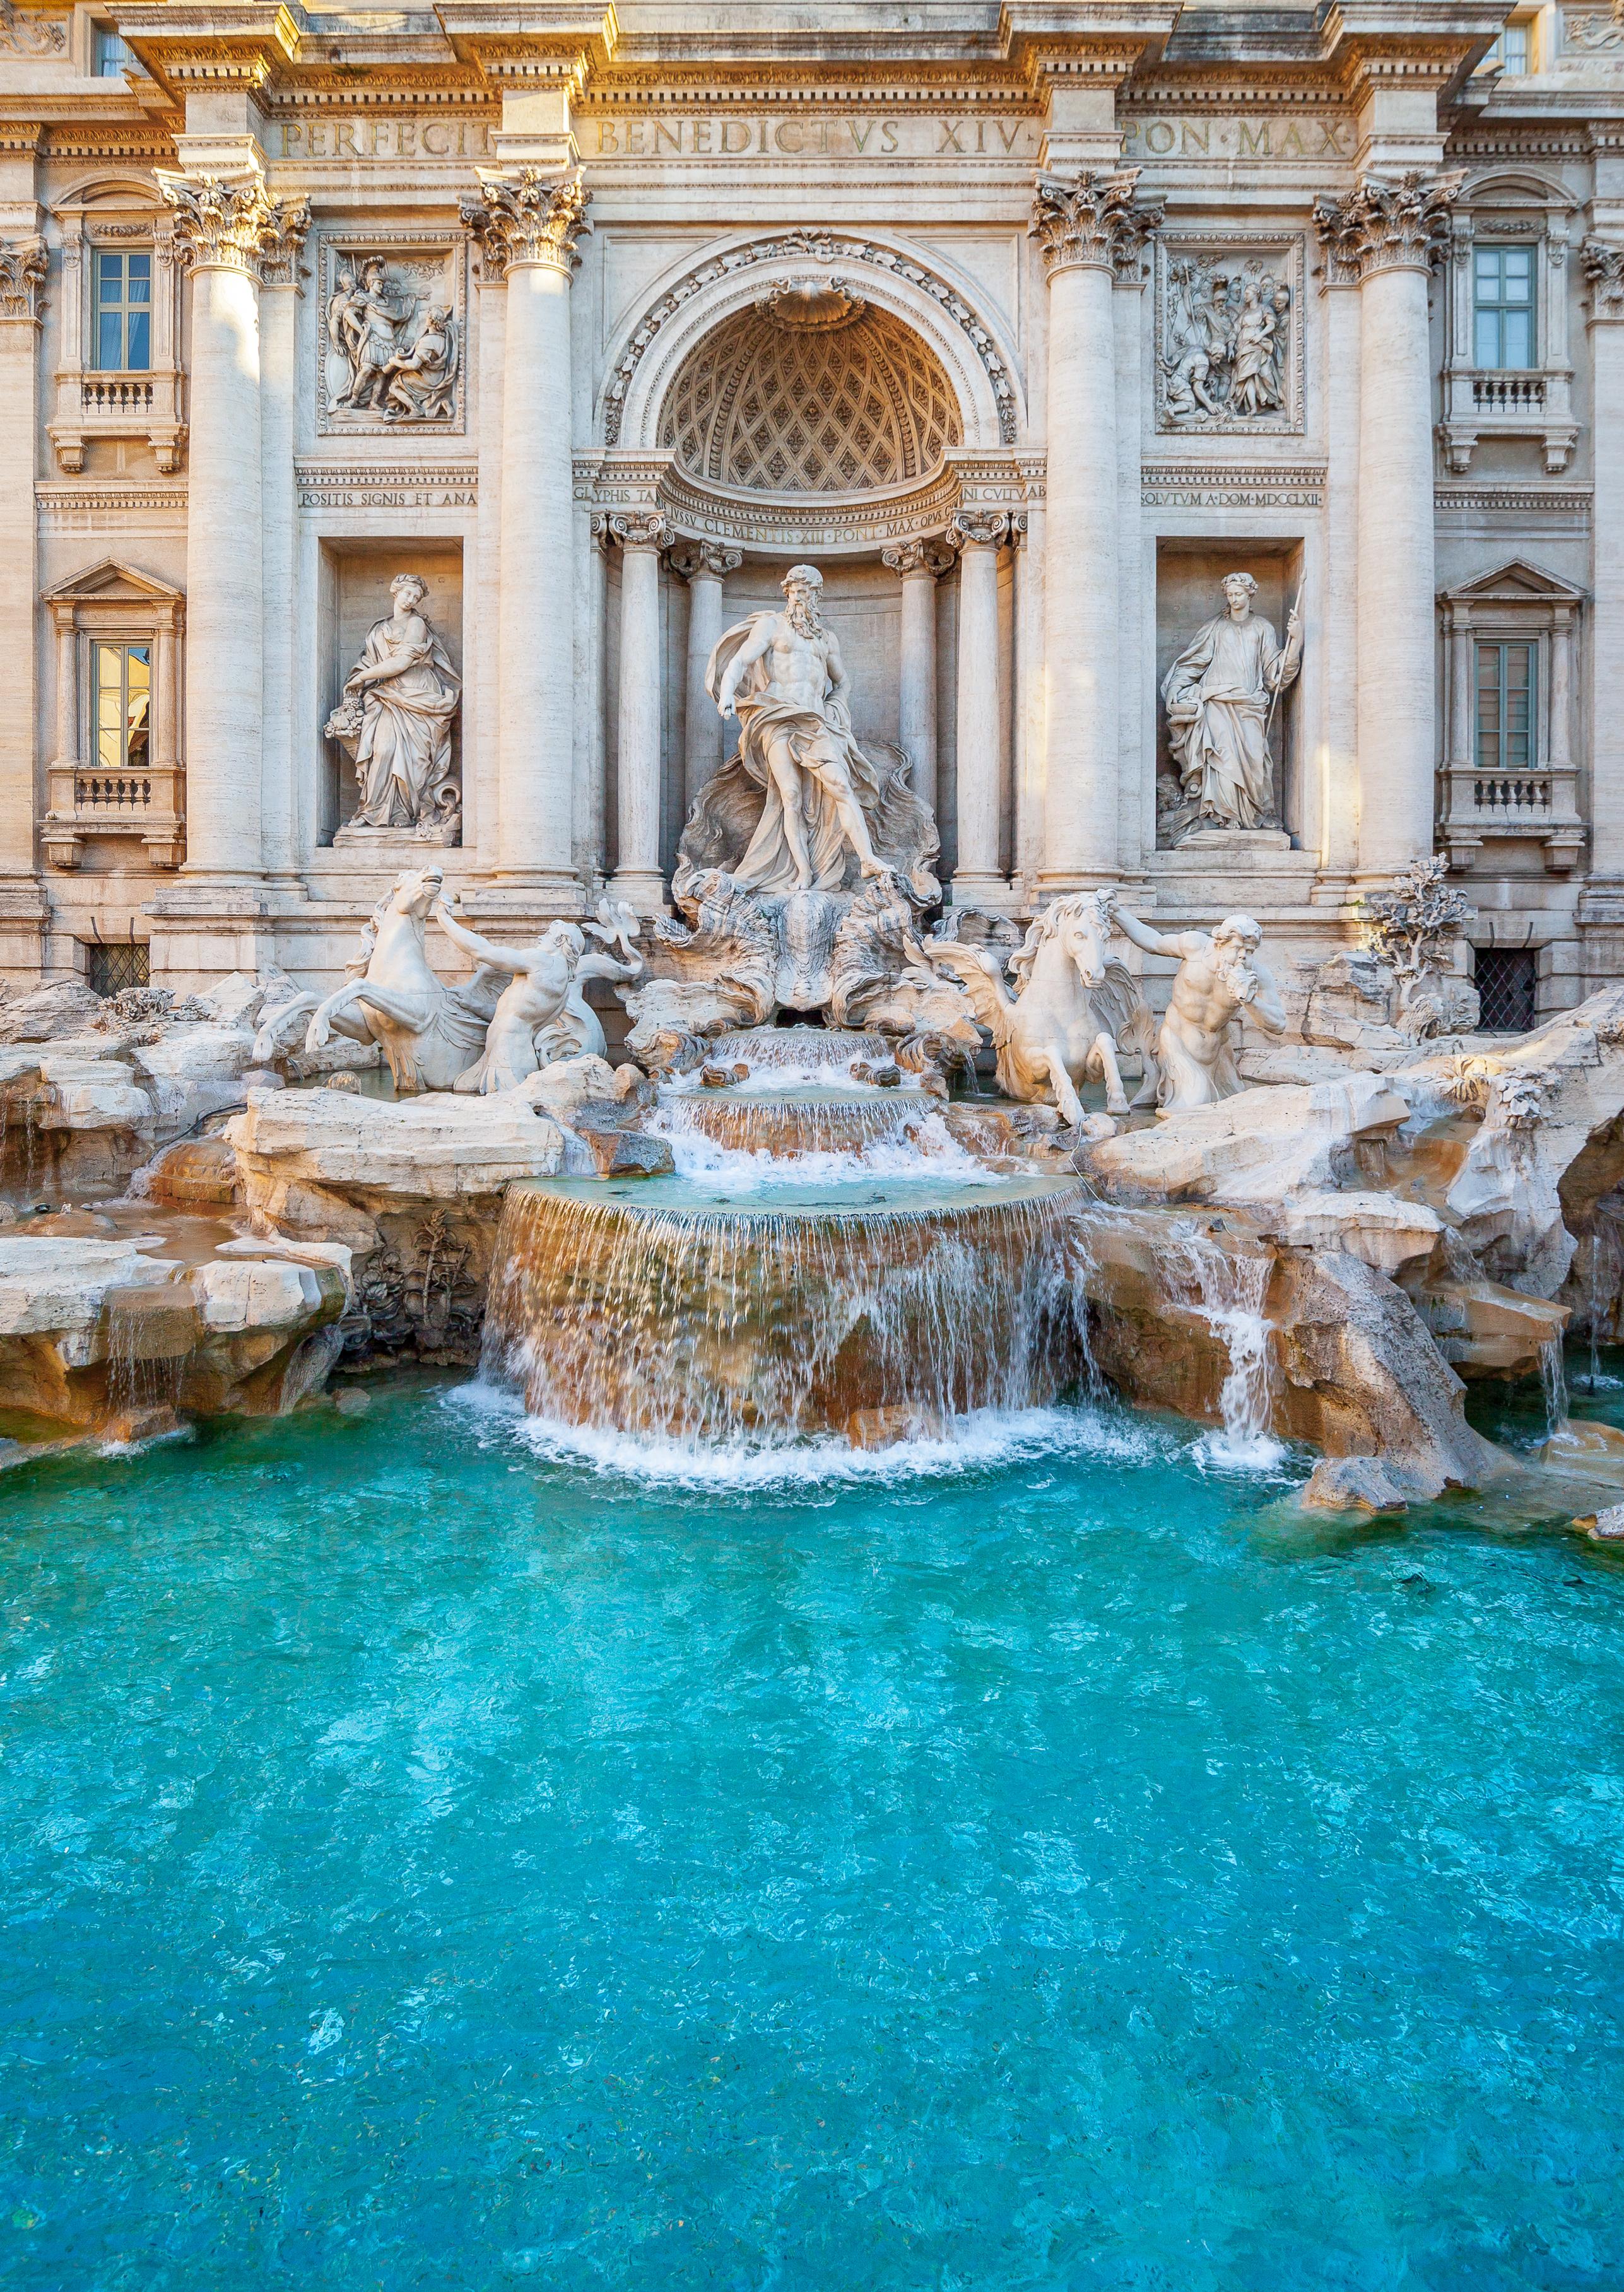 Trevi Fountain Rome Italy Pre College Summer Program